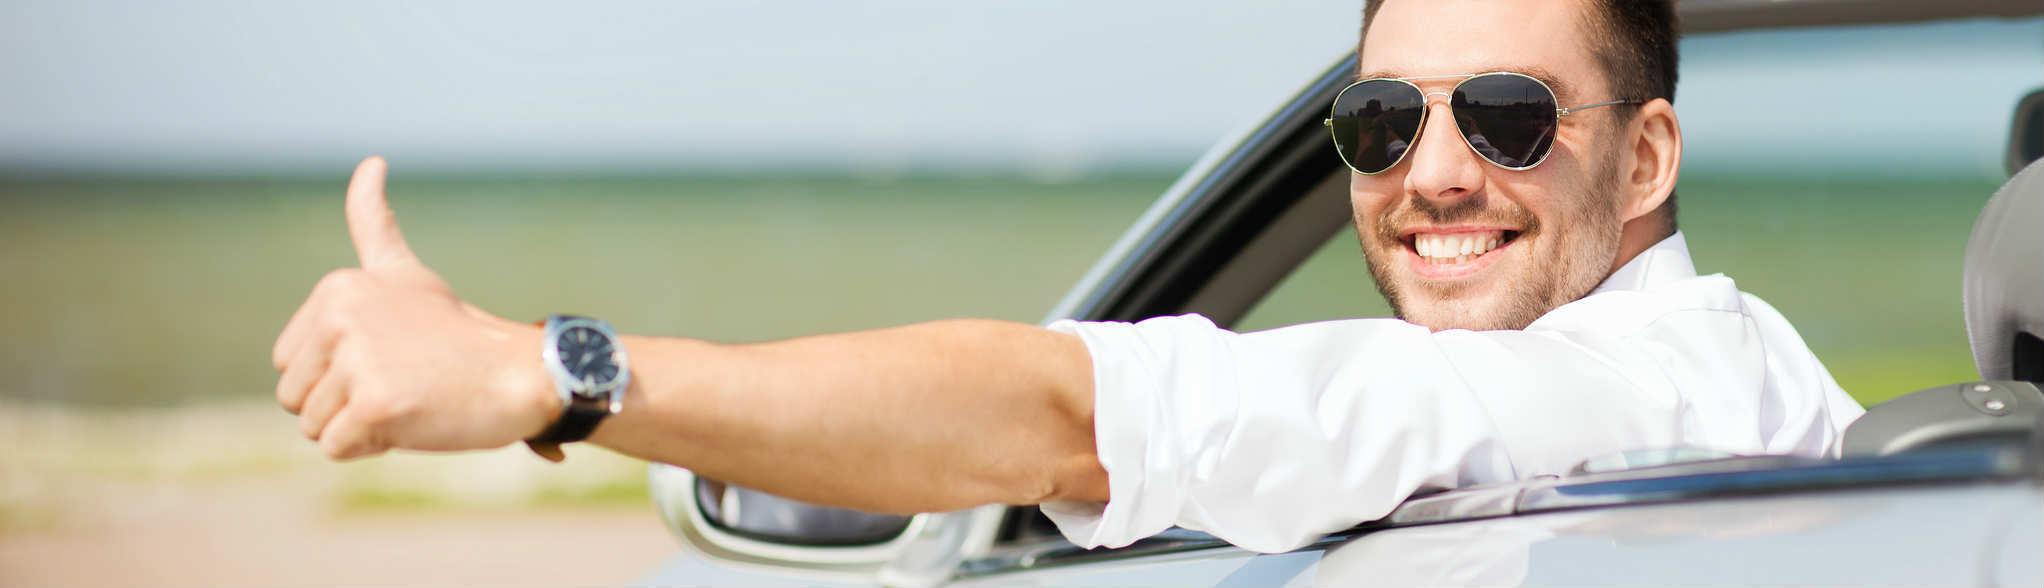 arac kiralamak mantiklimi Kıbrıs Tatilinizde Araç Kiralamak Mantıklı mı?